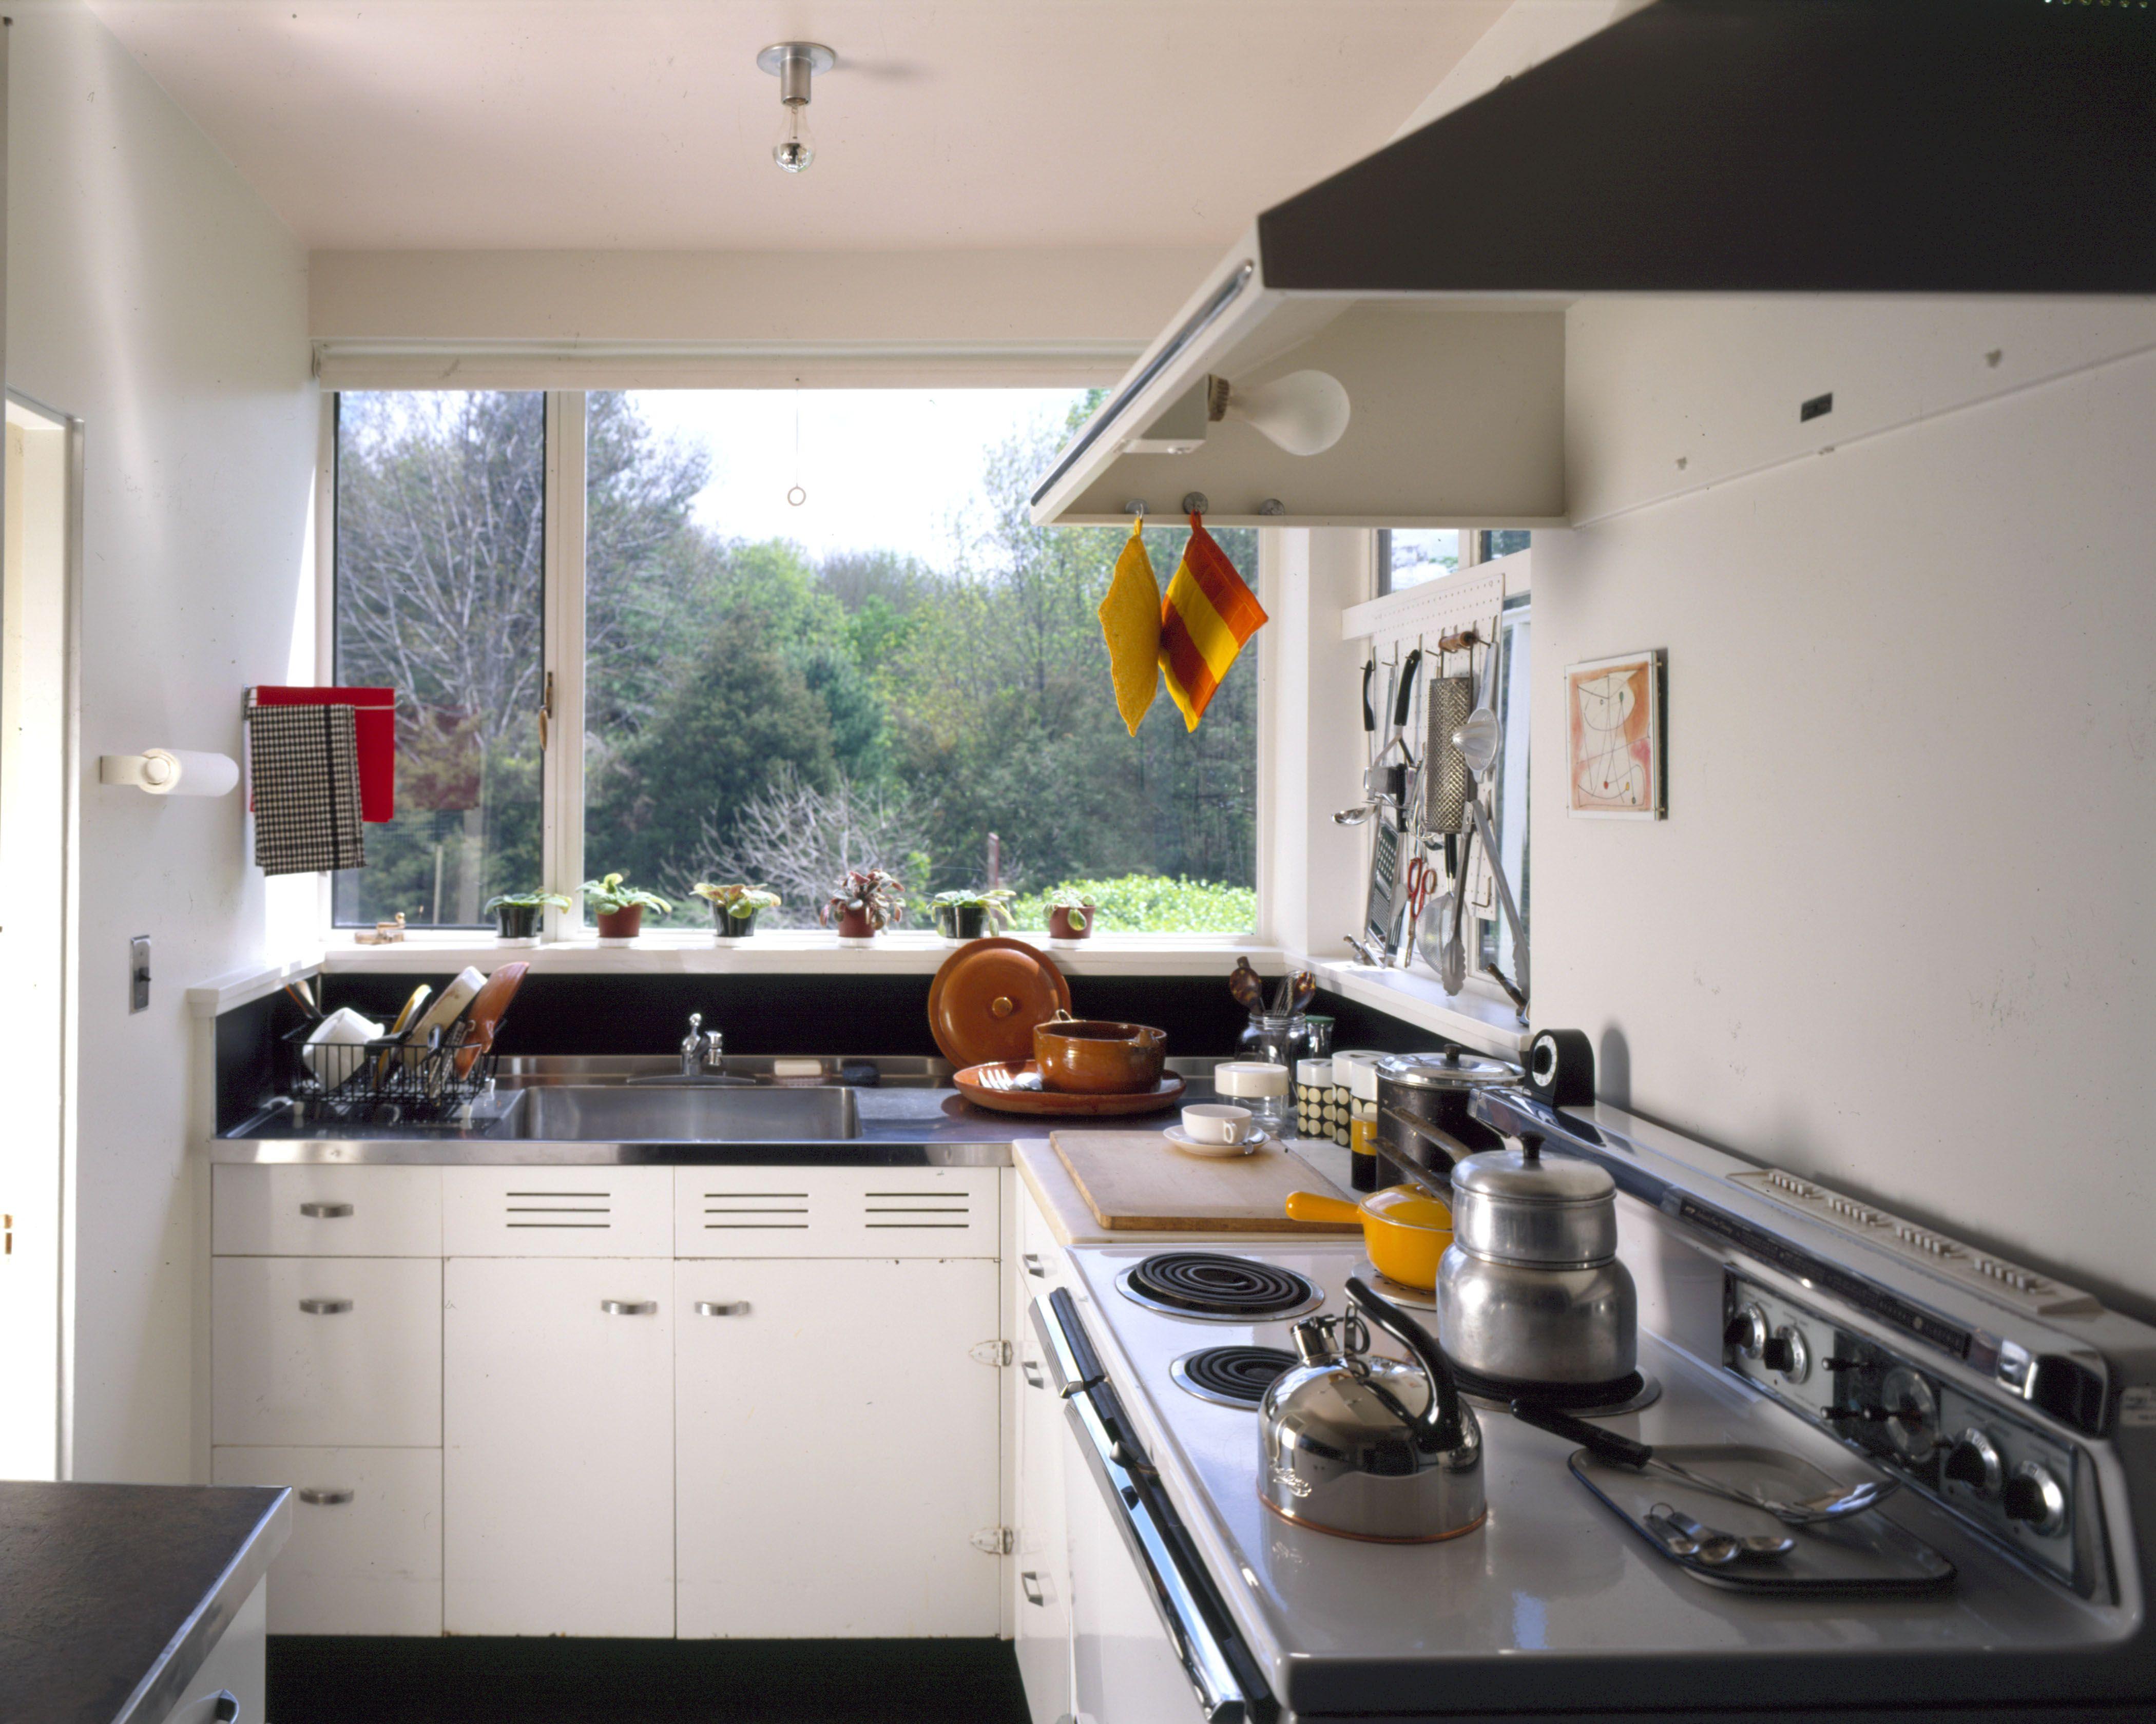 The kitchen The Gropius House 1937 Lincoln Massachusetts